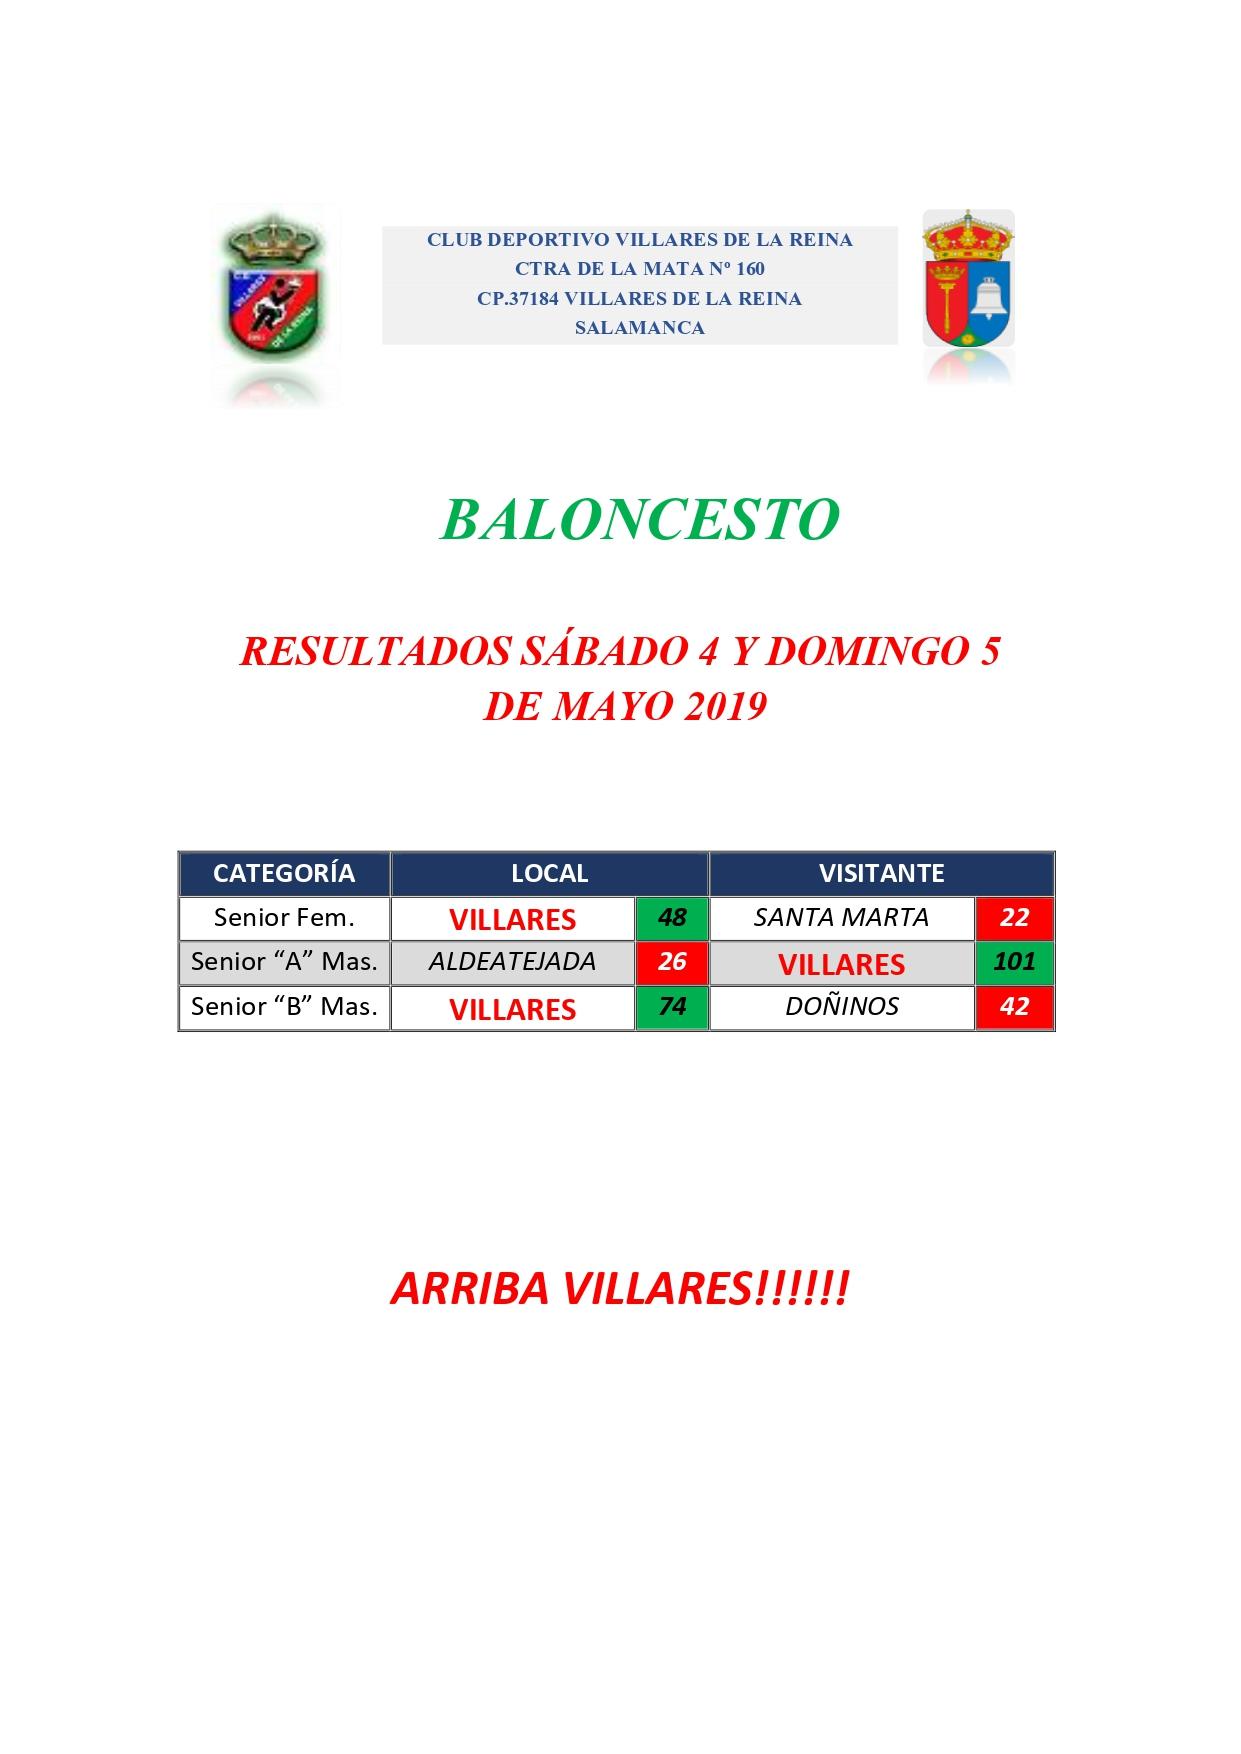 RESULTADOS DE BALONCESTO S�BADO 4 Y DOMINGO 5 DE MAYO